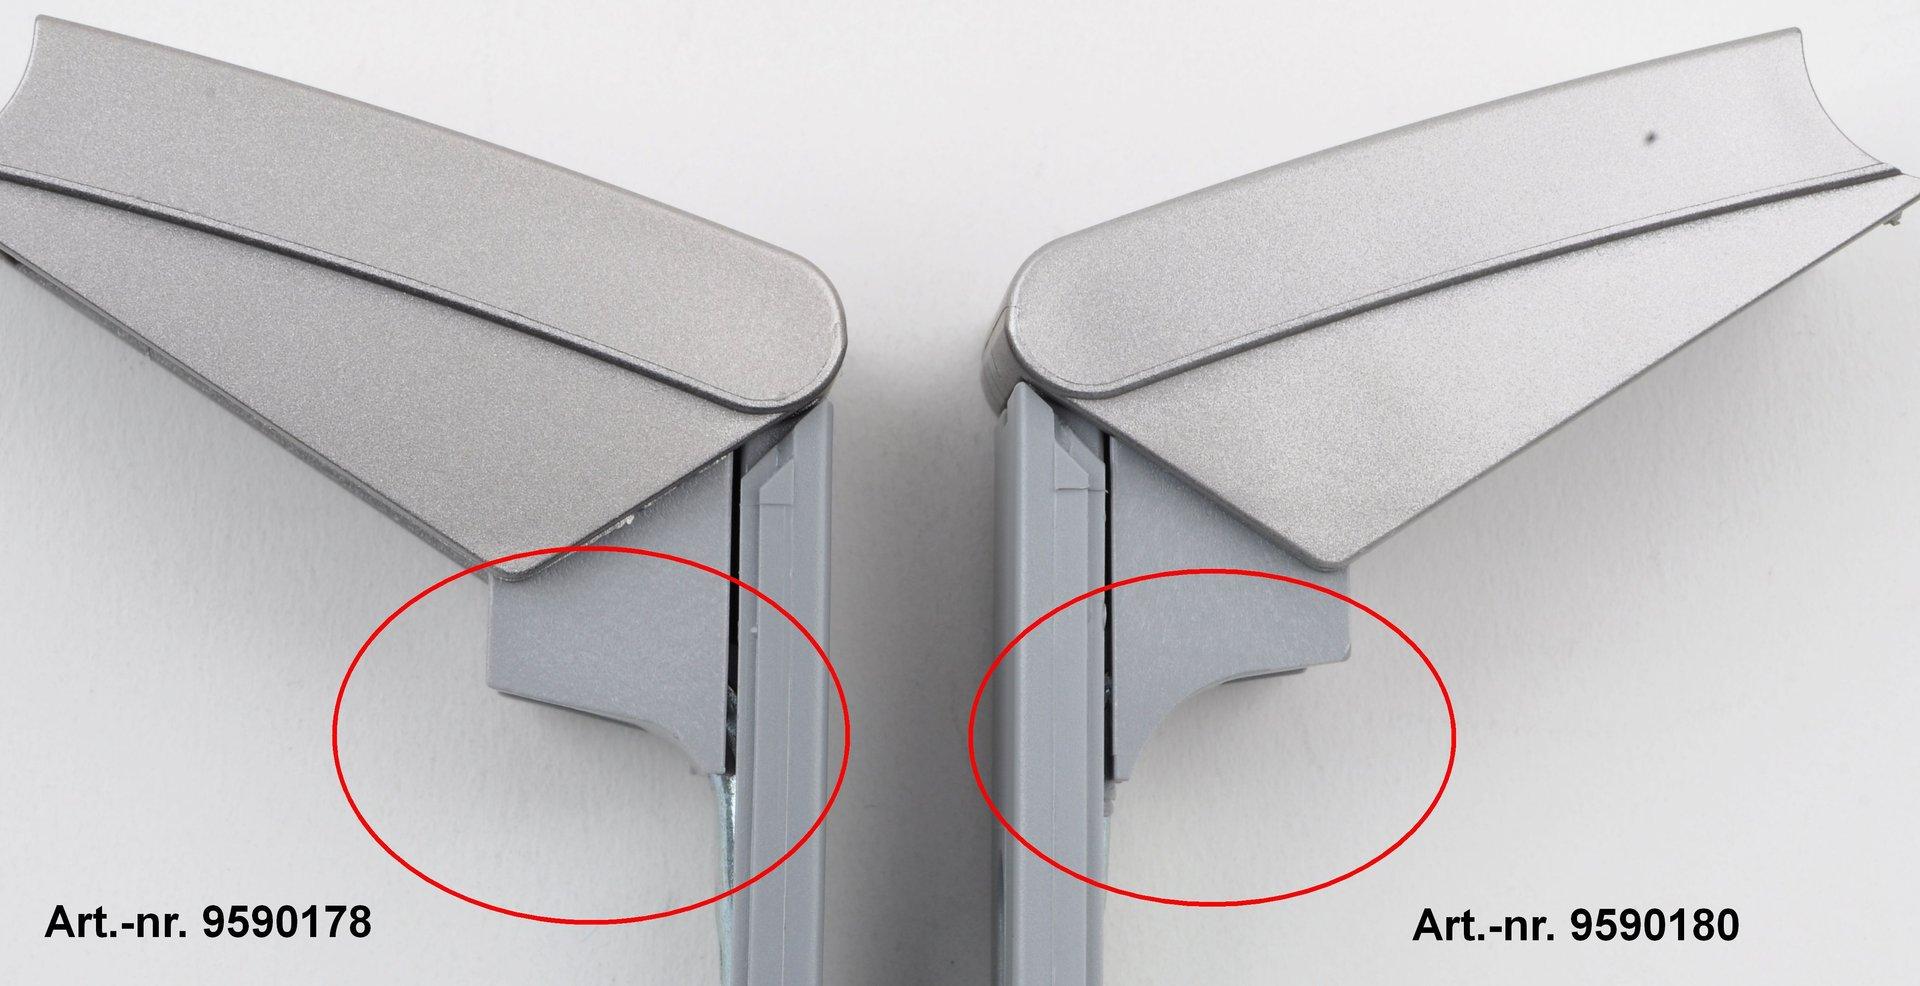 Liebherr Kühlschrank Edelstahl : Liebherr türgriff scharnier kühlschrank original rep. set 9590178